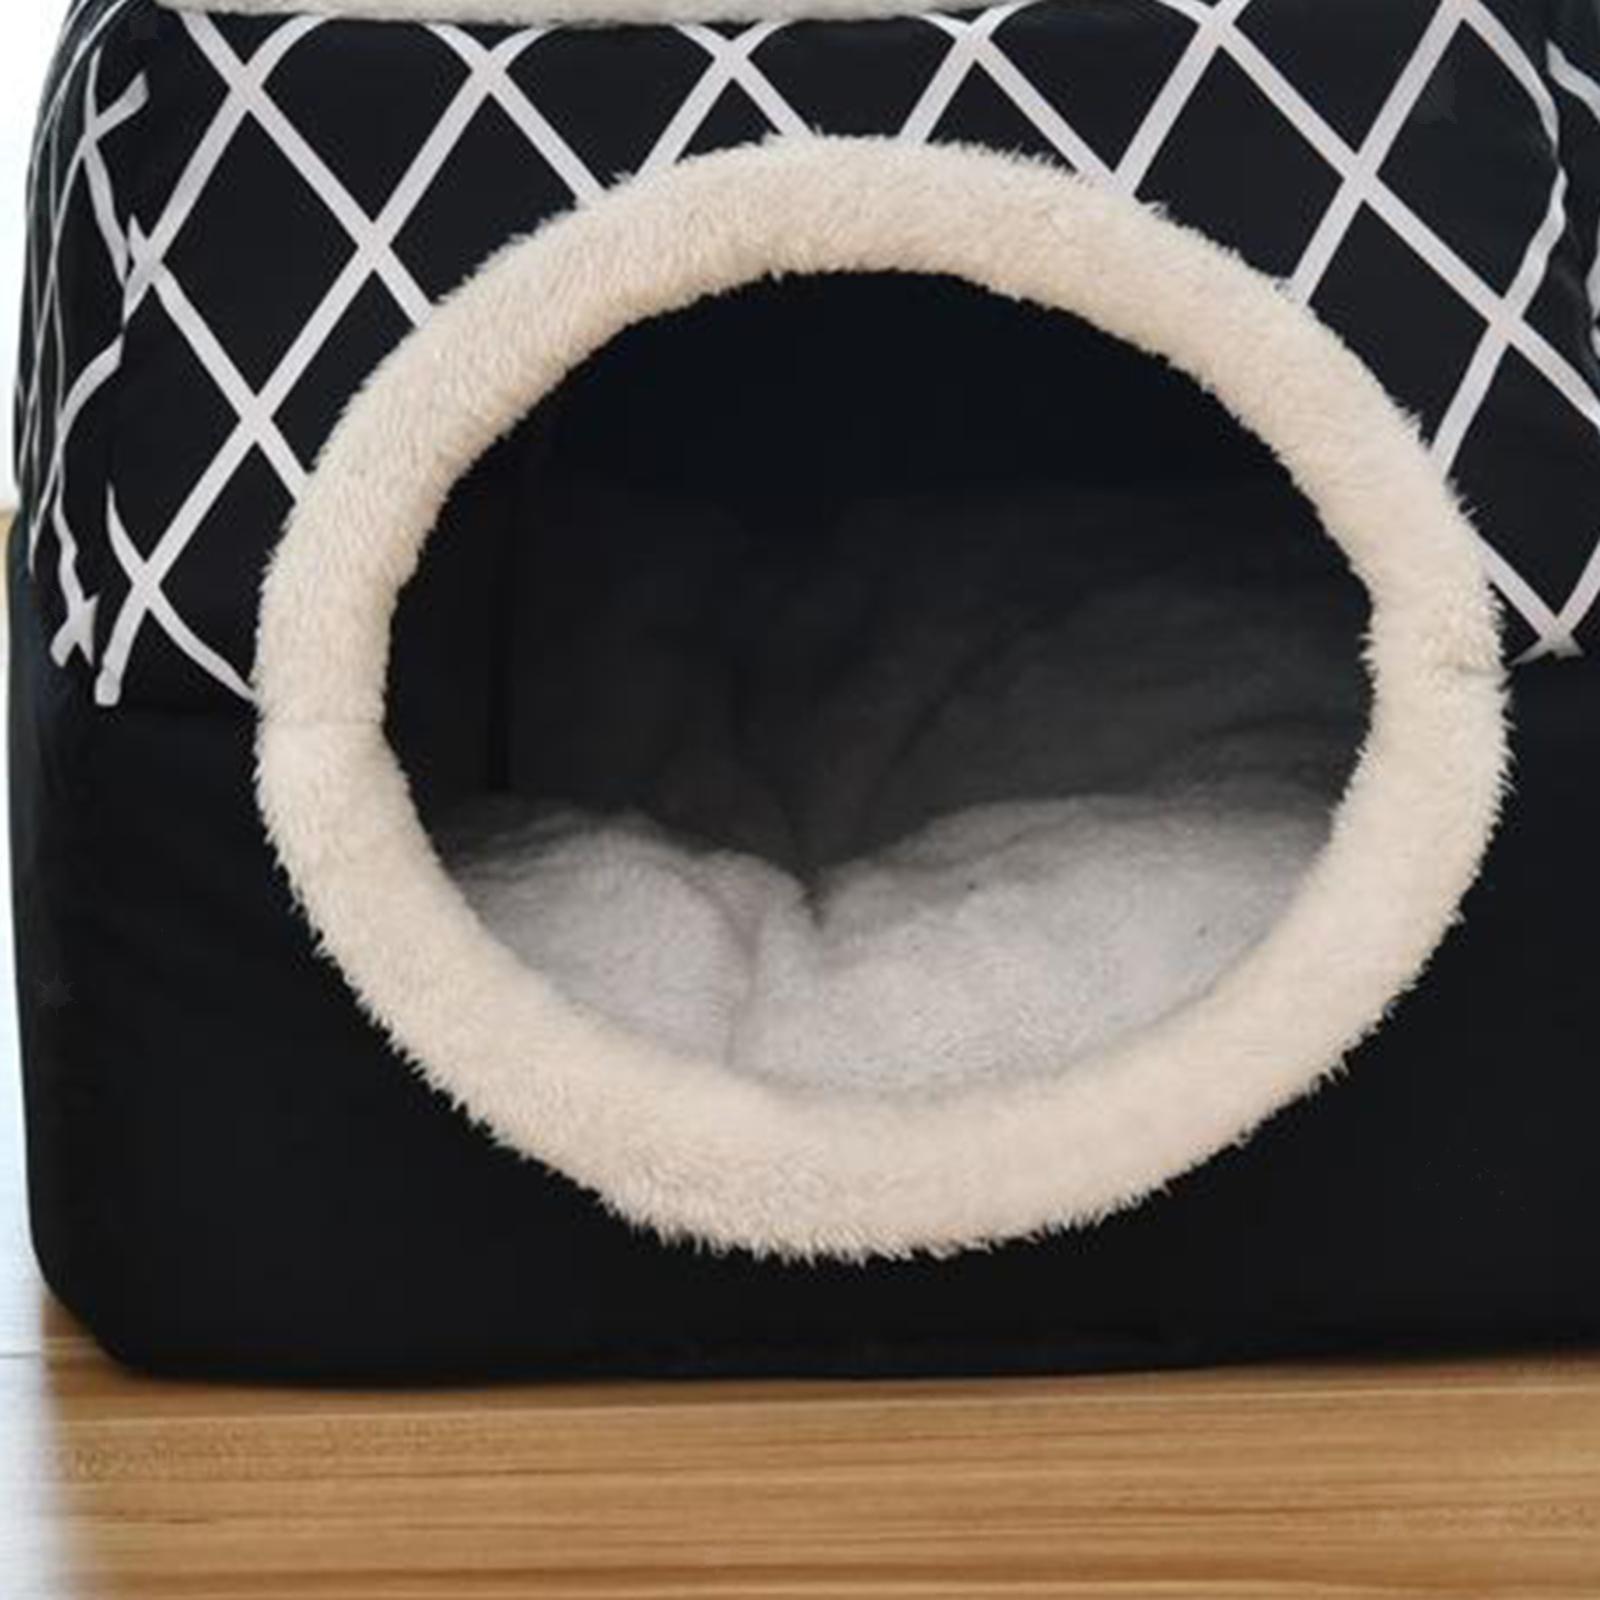 Indexbild 38 - 2-in-1-Weichen-Katzen-Haus-Schlafen-Bett-Zwinger-Puppy-Cave-Warme-Nest-Matte